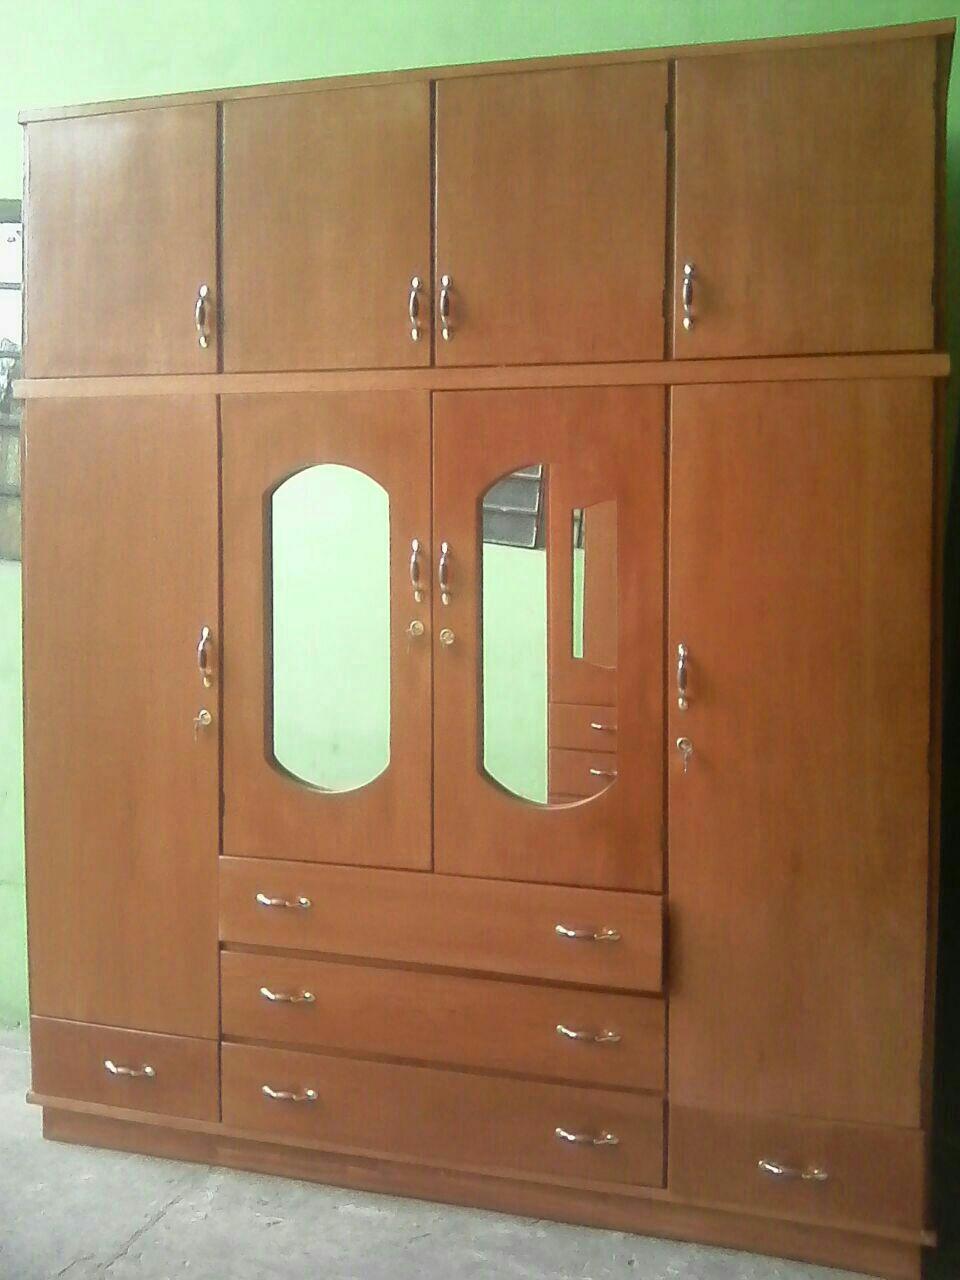 Muebles roperos baratos obtenga ideas dise o de muebles para su hogar aqu - Muebles de madera baratos ...